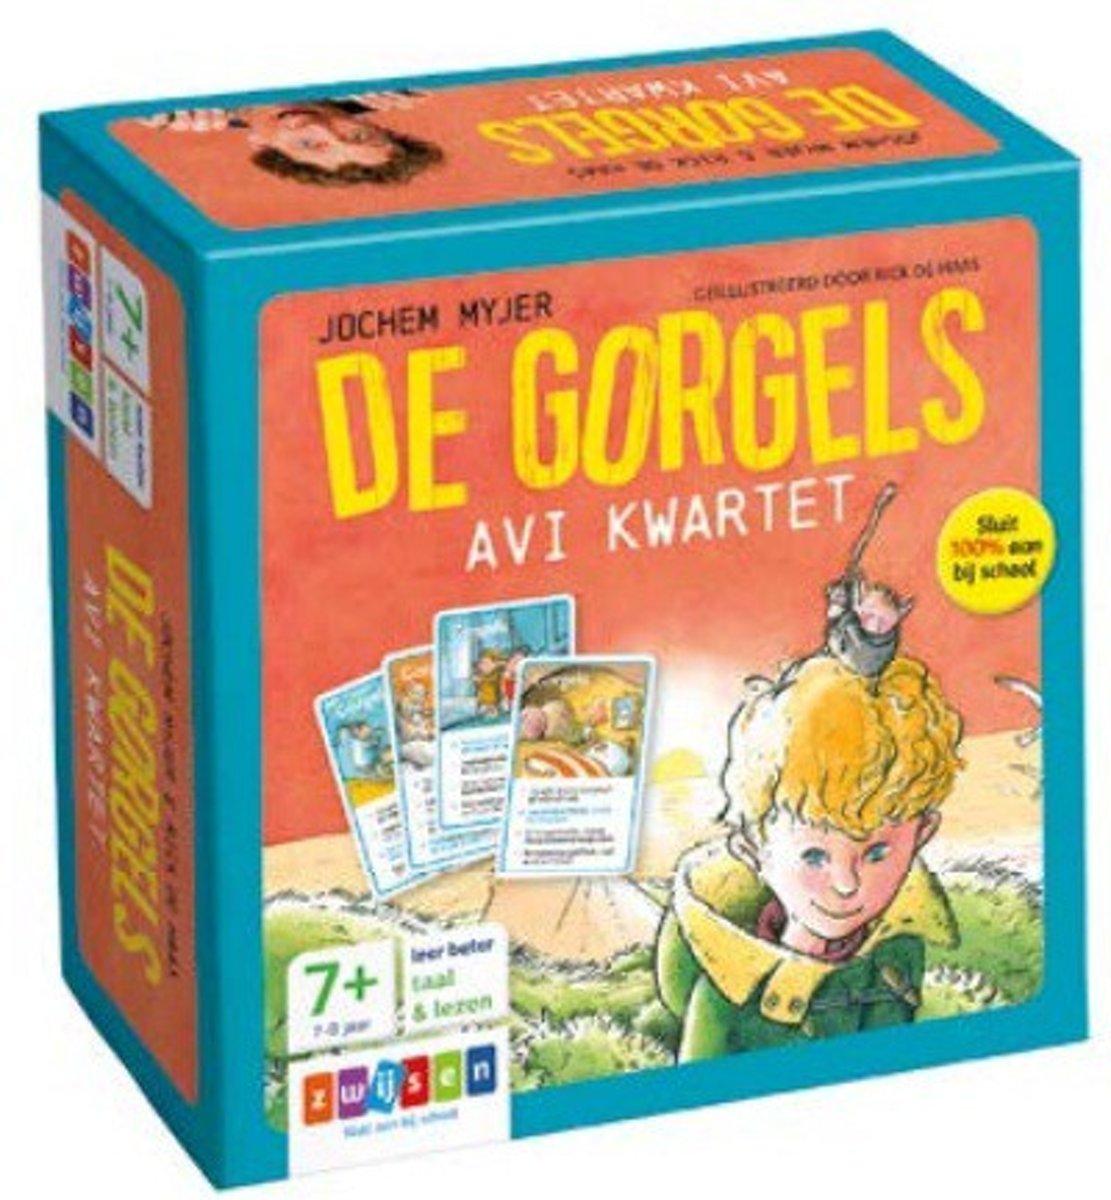 Afbeelding voor De Gorgels - AVI kwartet